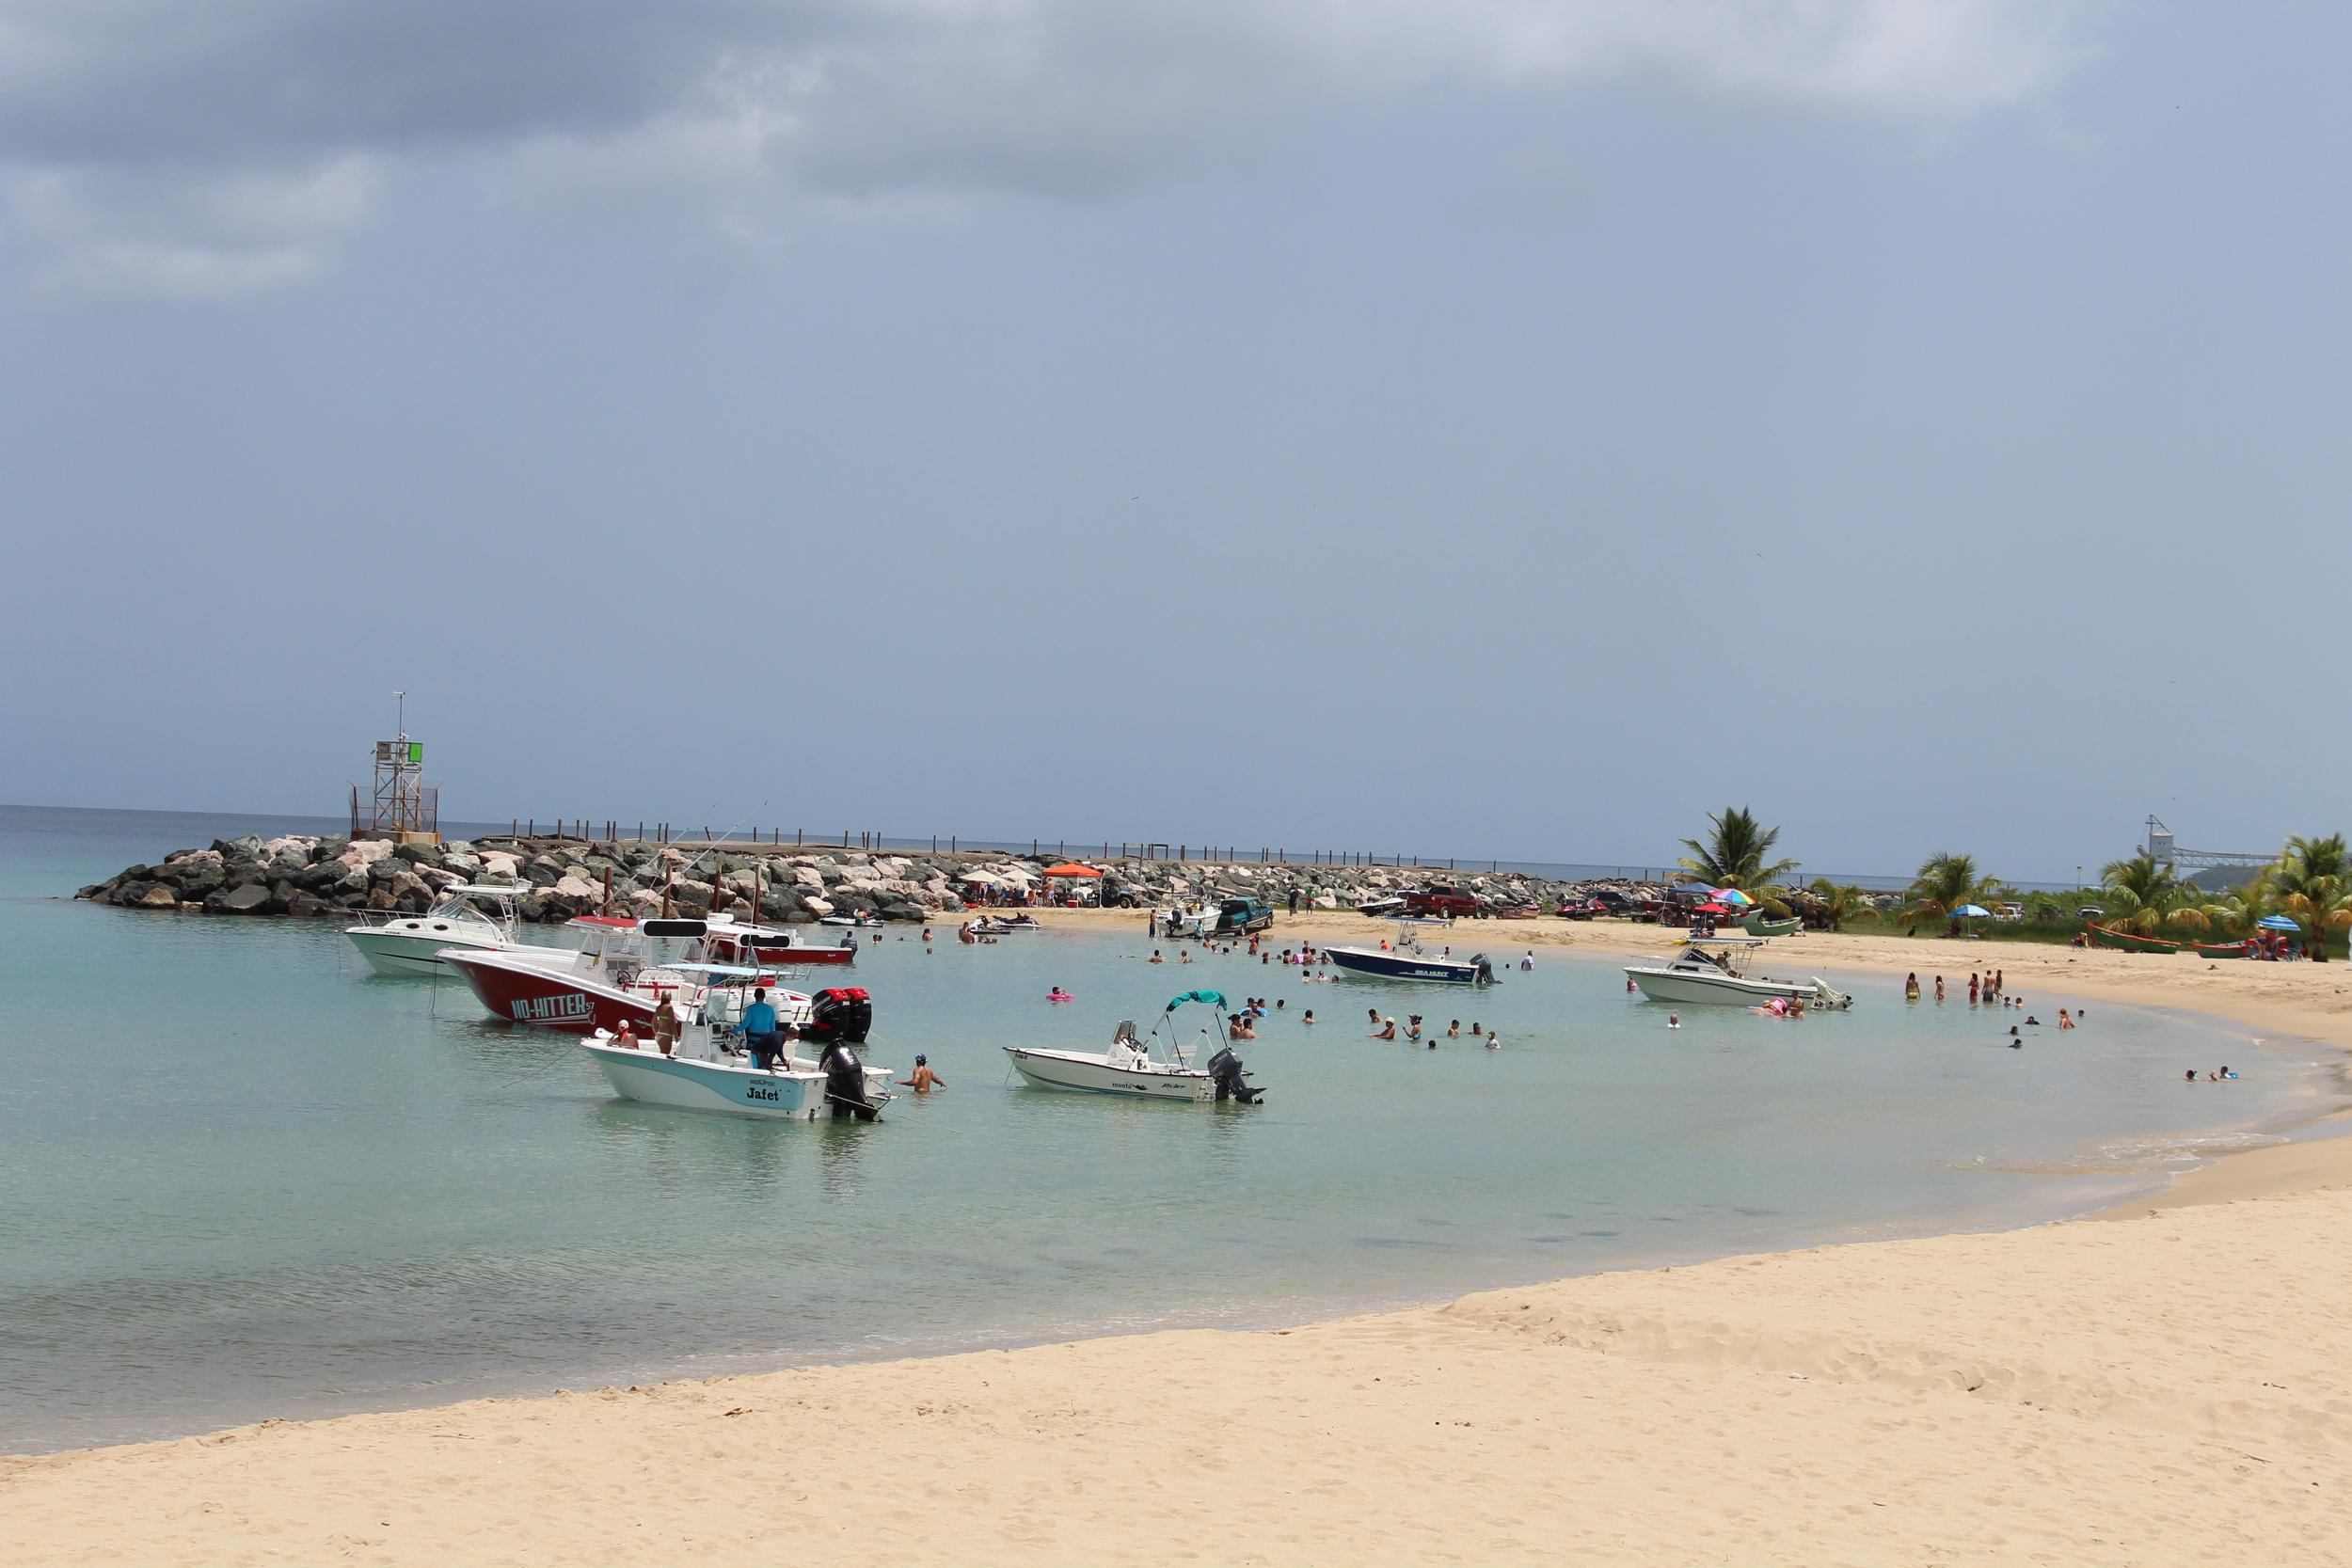 Seguimos por la calle 440 hasta llegar a la playa donde iban a hacer una marina. El agua igual de tranquila que en la playa de Colón.Foto: Alejandro Rodríguez Rojas